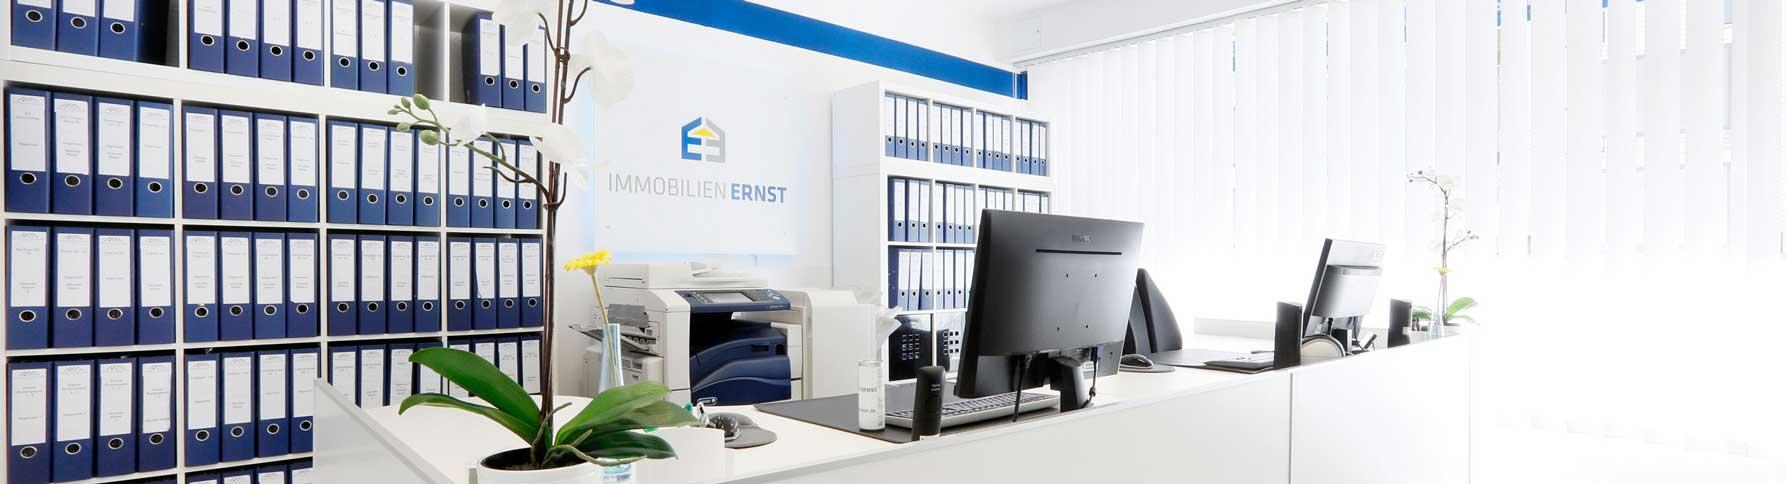 Büro Immobilien Ernst Immobilienmakler Köln